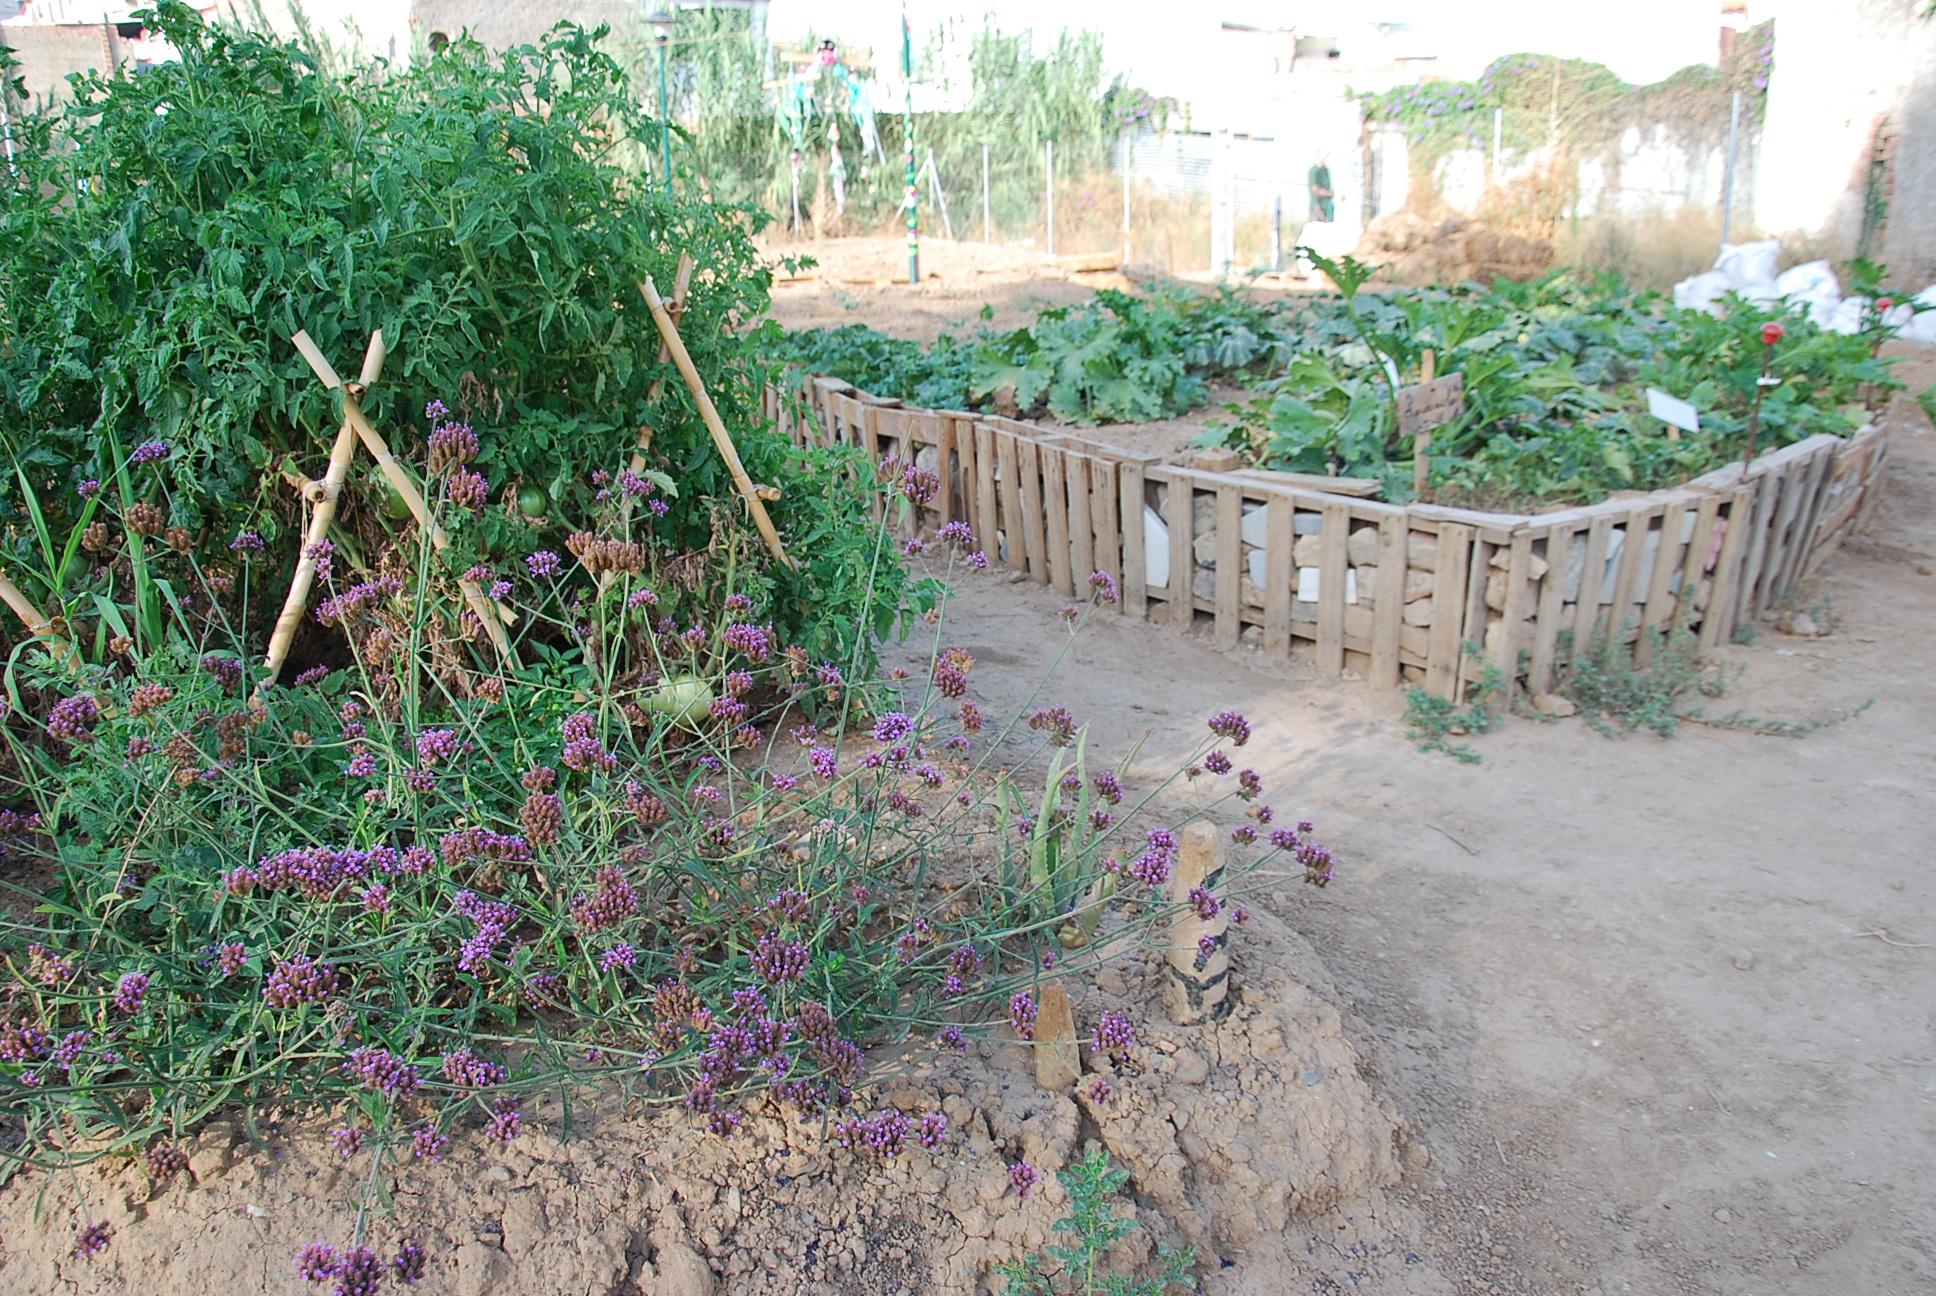 El caminito el xito de los huertos urbanos en m laga - Huerto urbano malaga ...